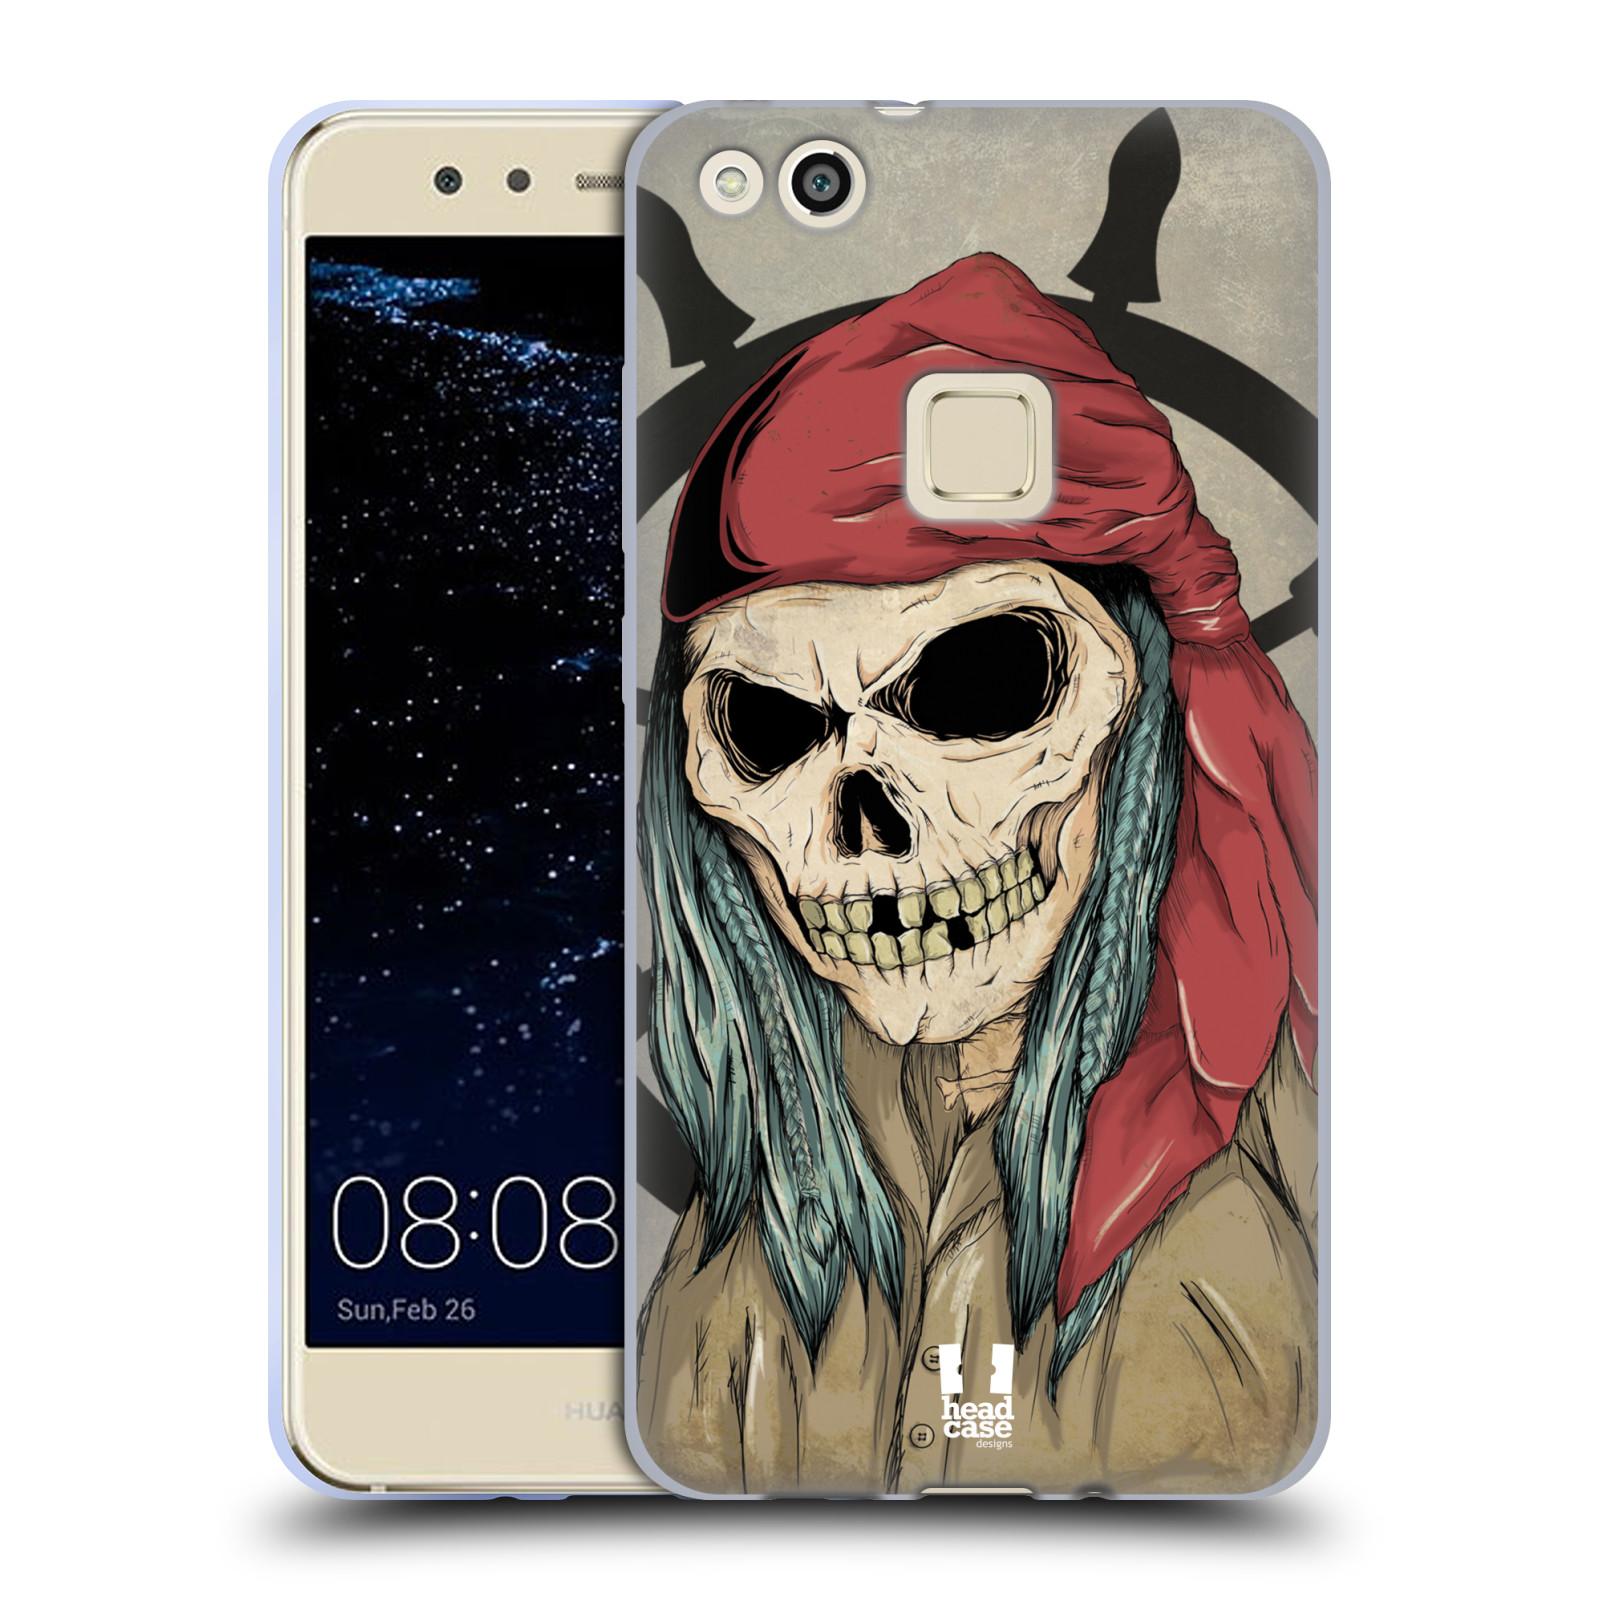 Silikonové pouzdro na mobil Huawei P10 Lite - Head Case - Pirát s červeným šátkem